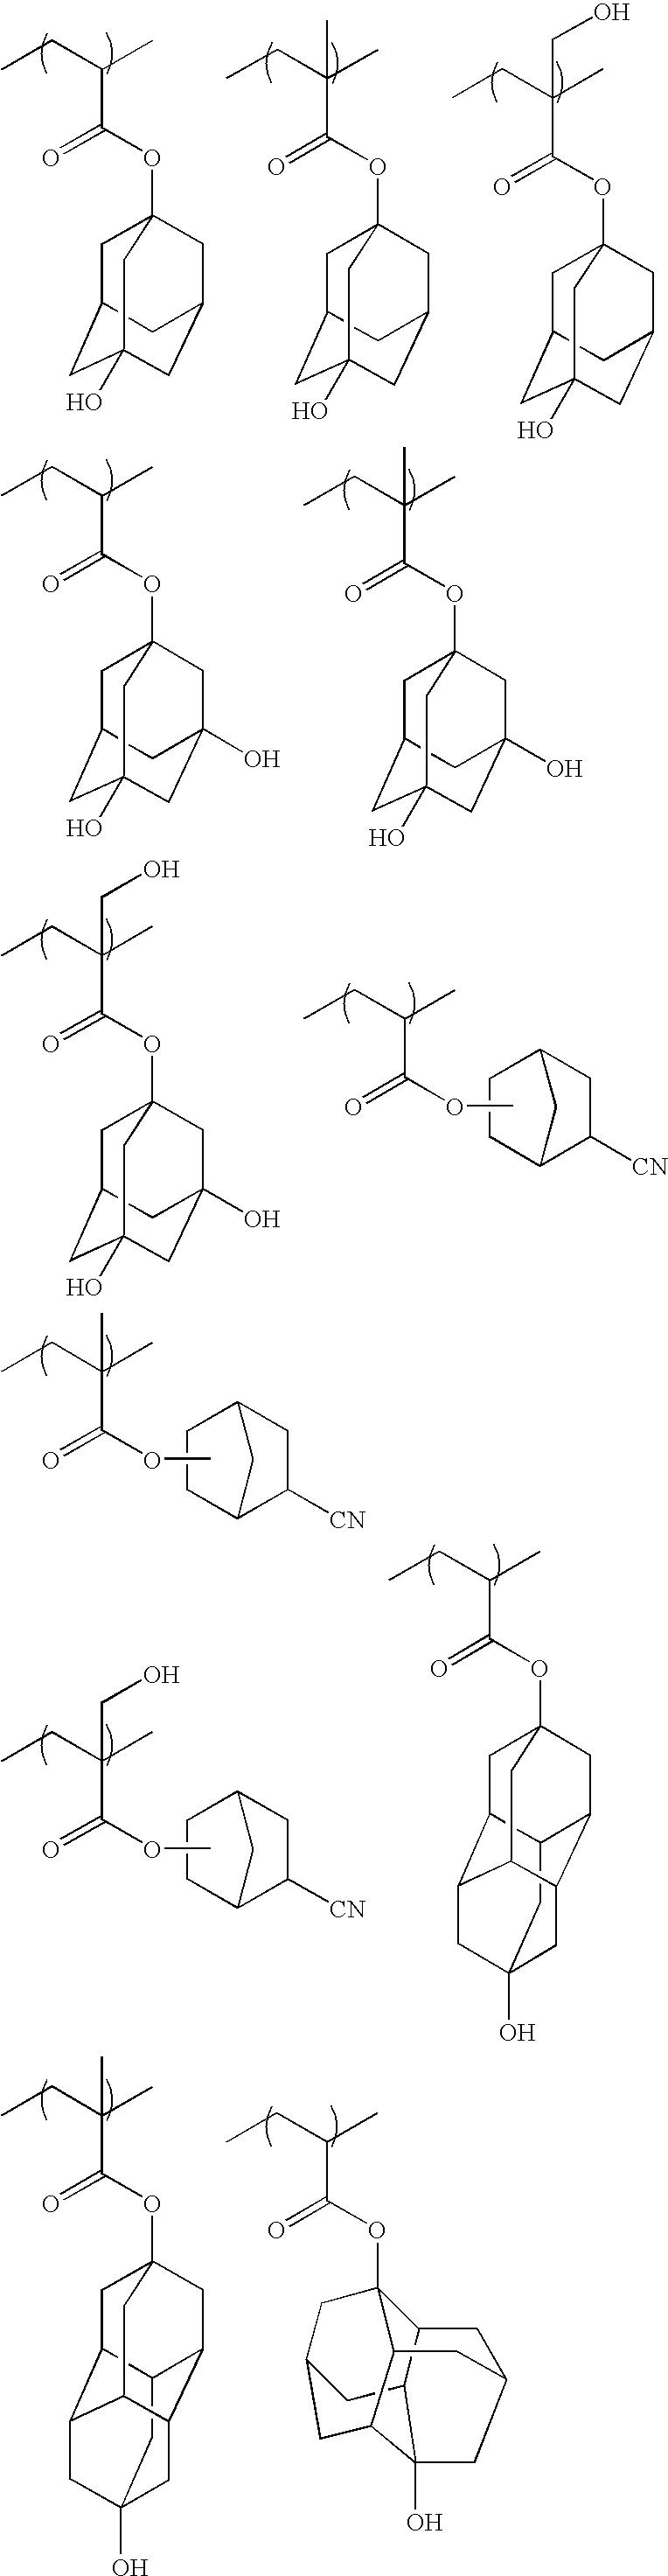 Figure US07998655-20110816-C00027